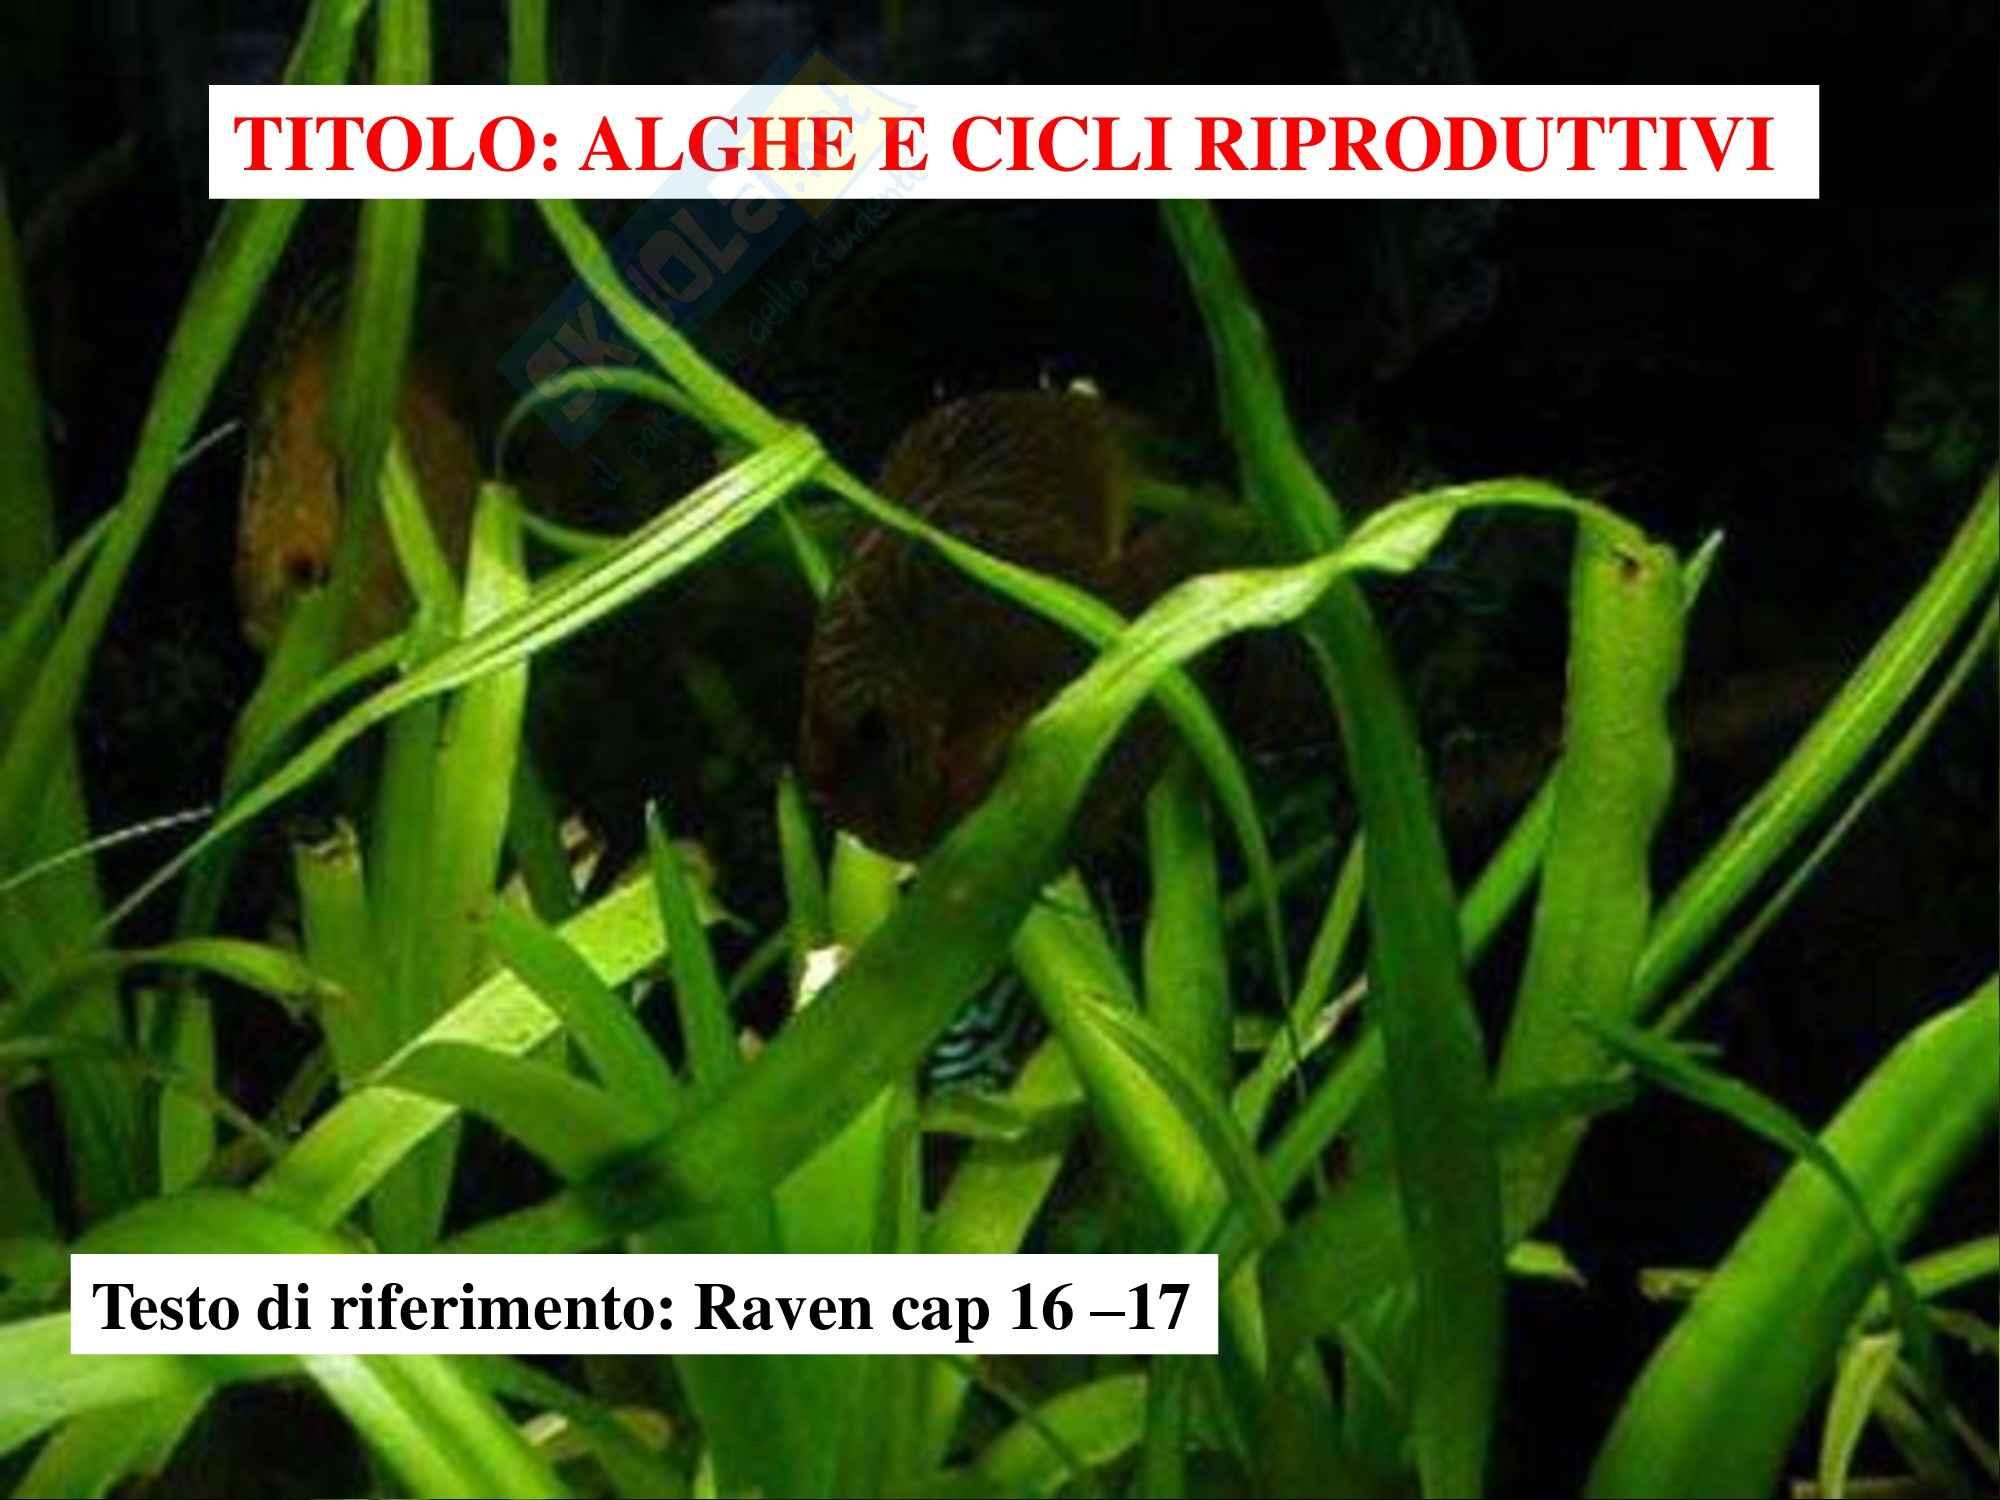 Biologia vegetale - alghe e cicli riproduttivi